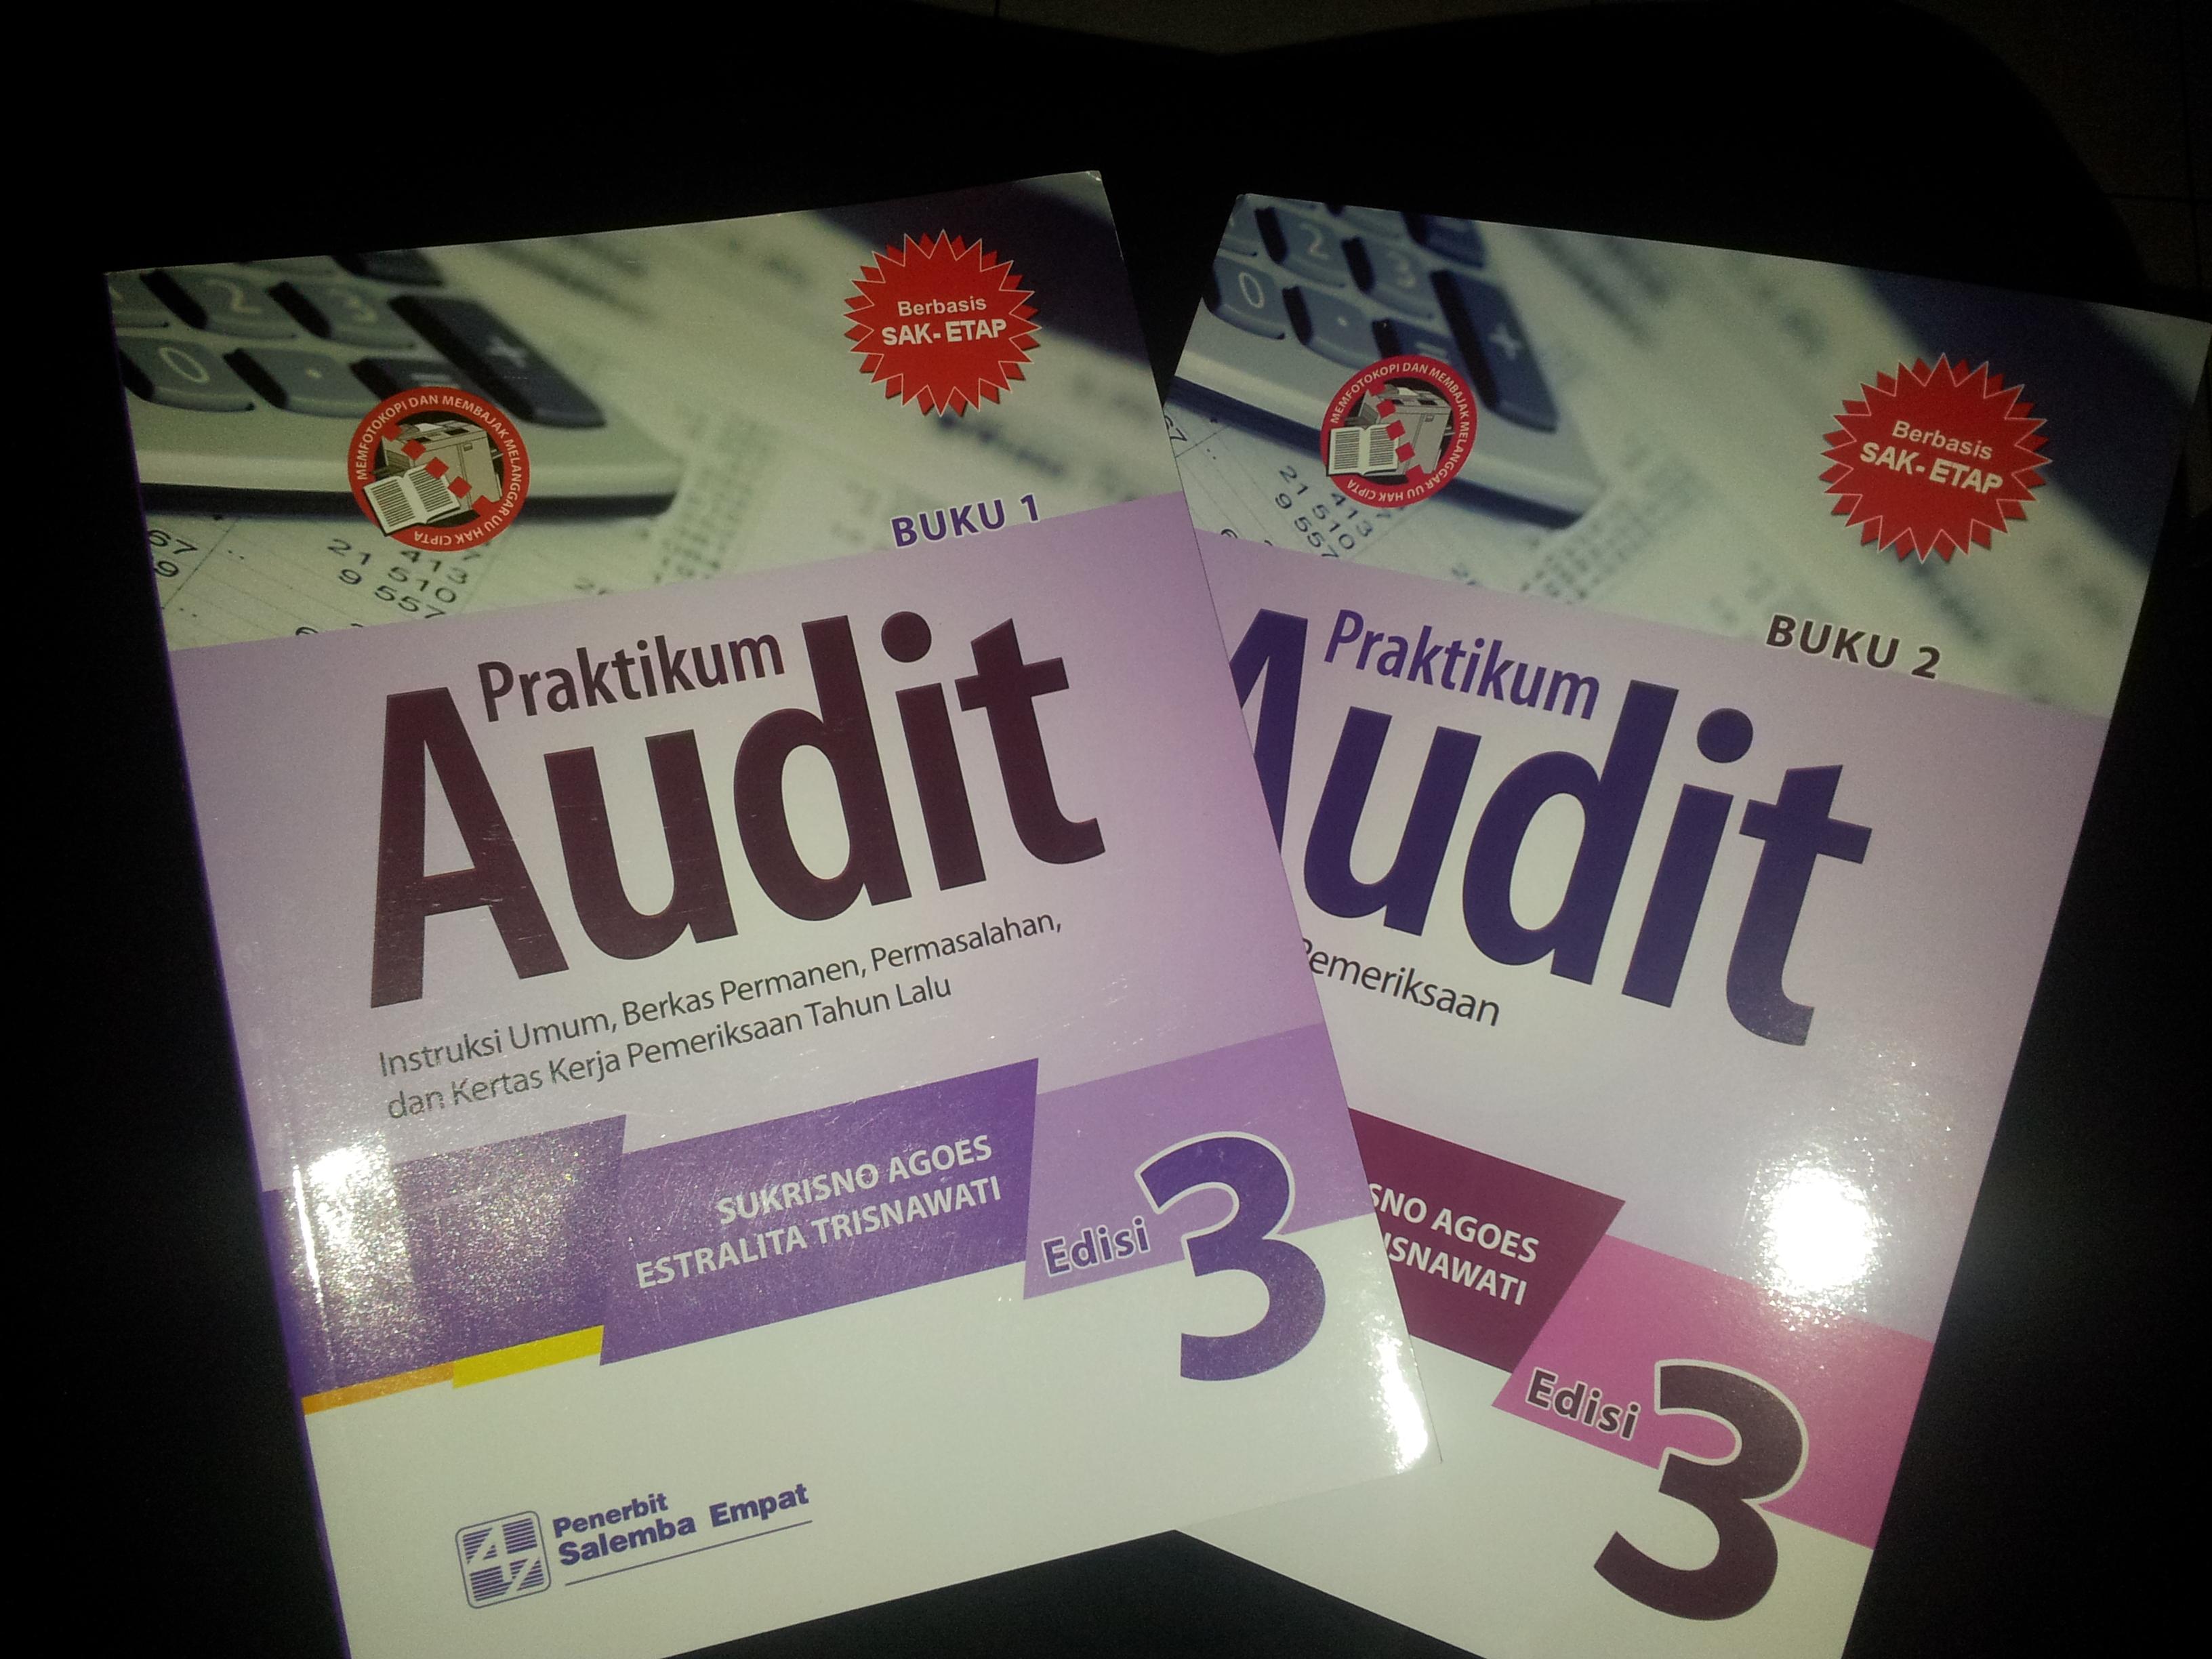 Kunci jawaban praktikum audit edisi 3 modul 7